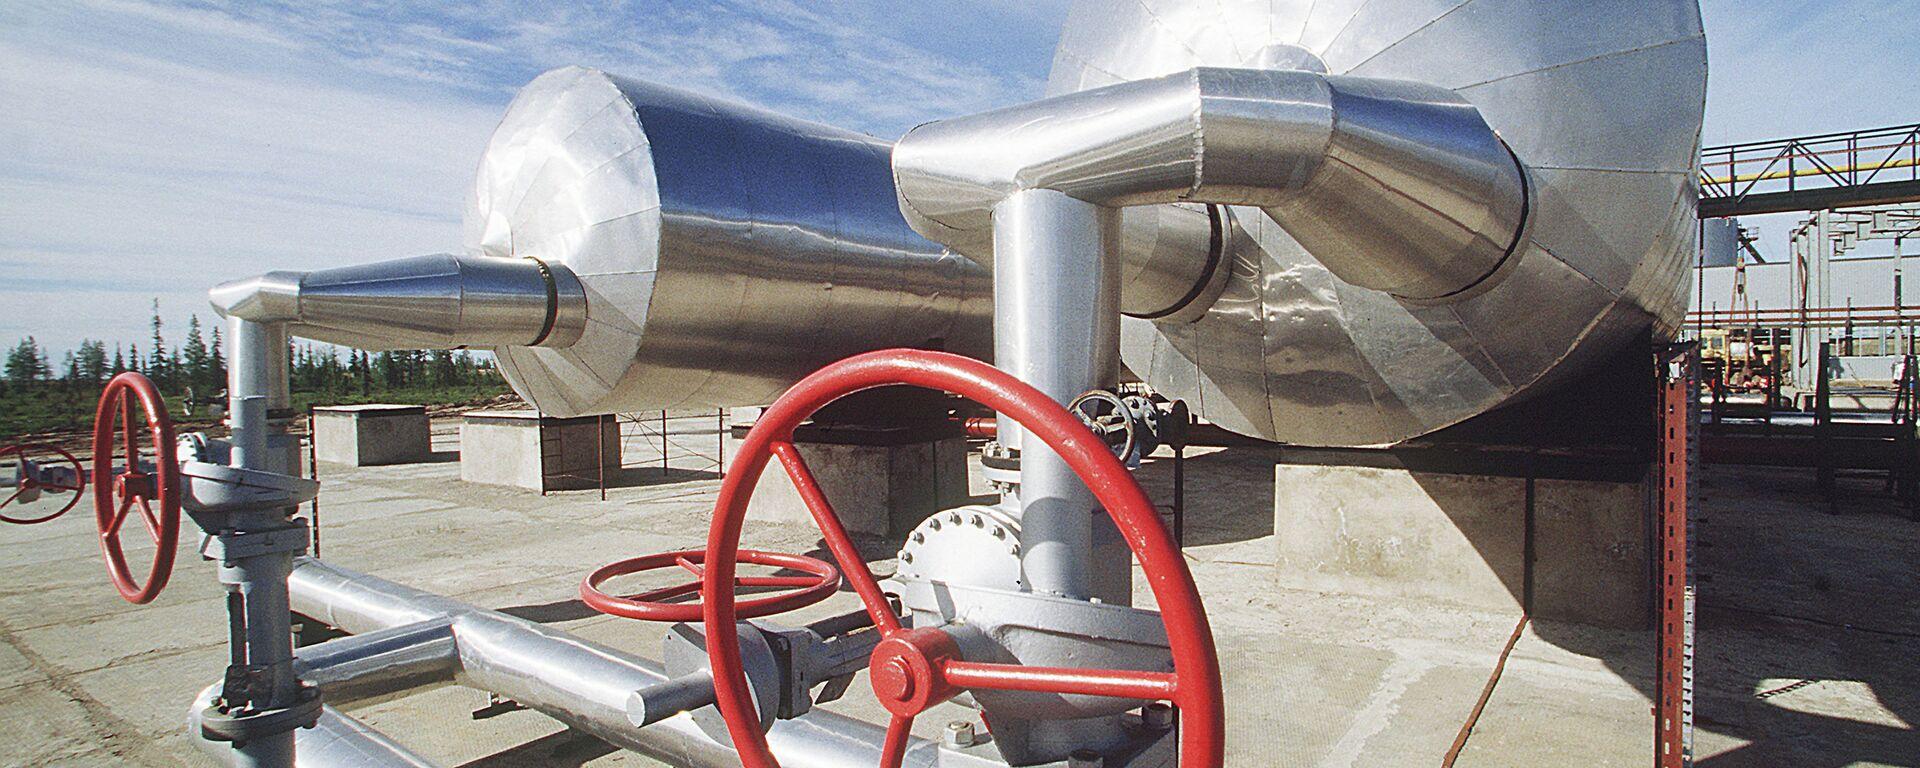 Naftas pārstrādes ierīce - Sputnik Latvija, 1920, 27.09.2021